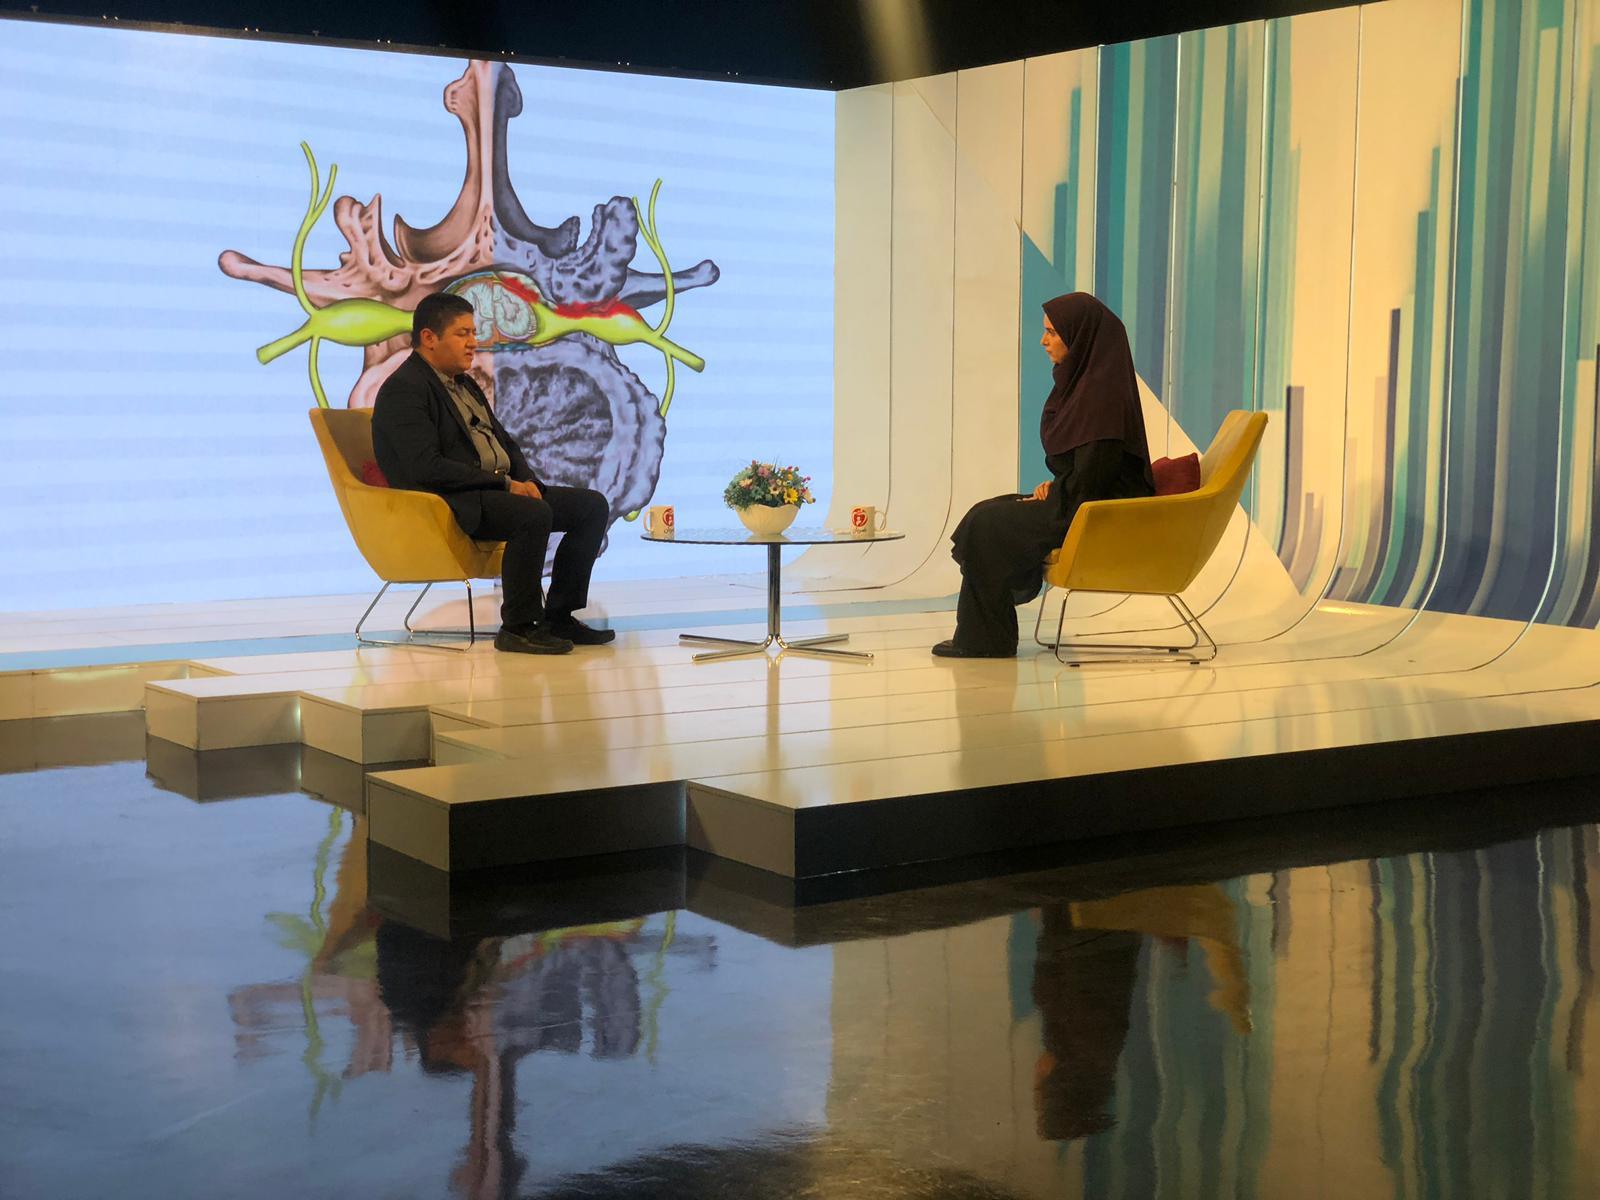 مصاحبه دکتر گیو شریفی در شبکه سلامت